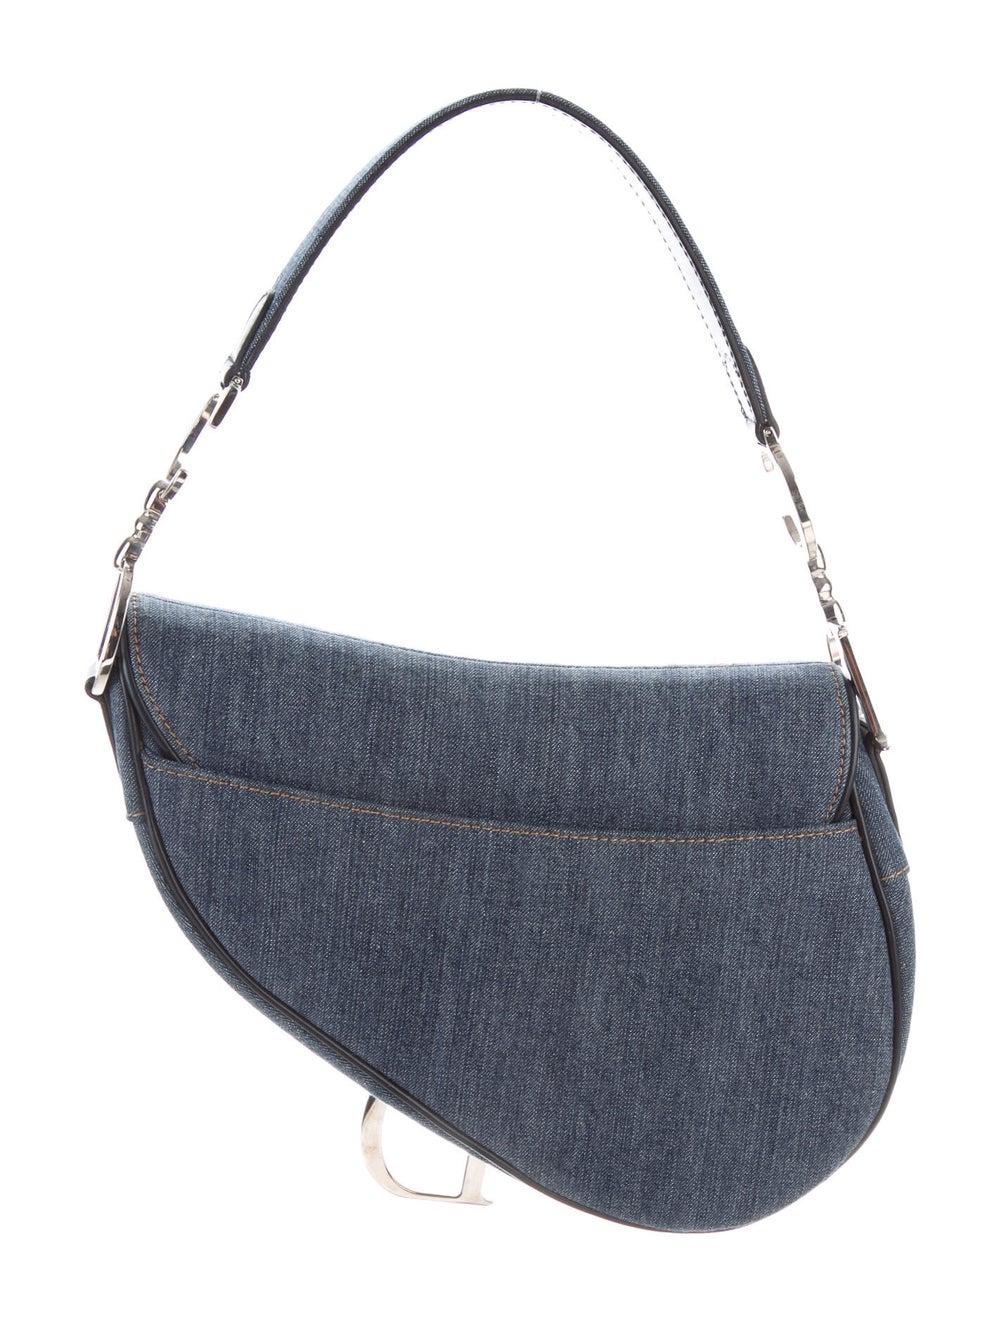 Christian Dior Embellished Denim Saddle Bag Blue - image 4